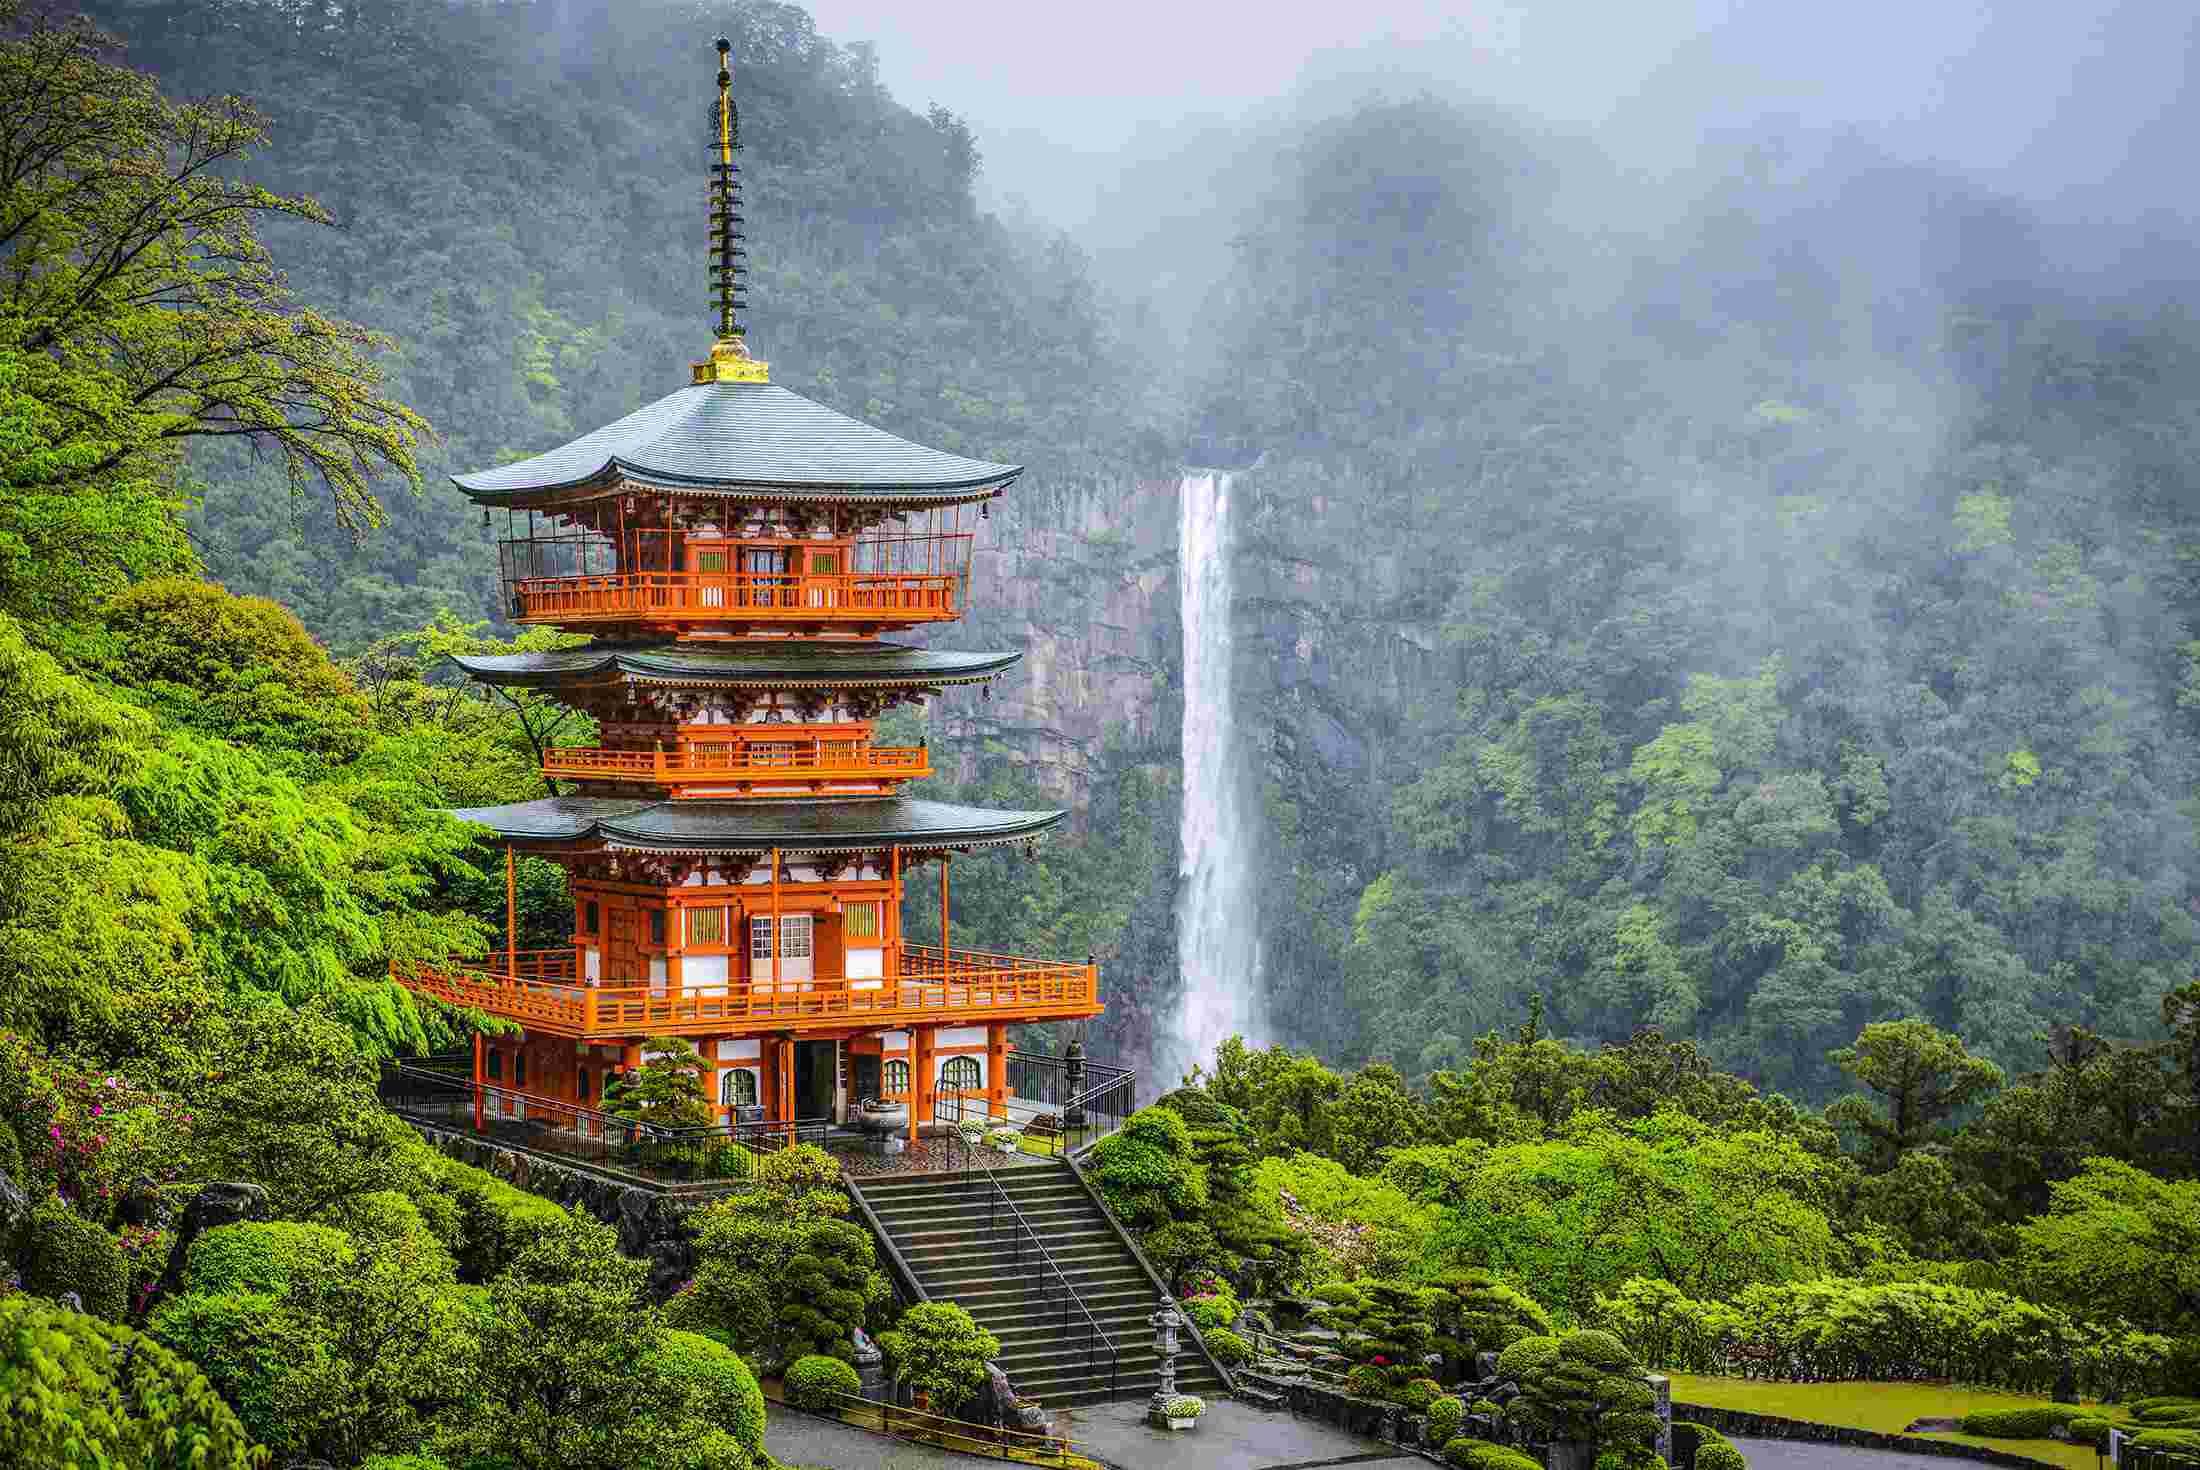 моя красавица, красивые места азии картинки зависимости сезона настроения